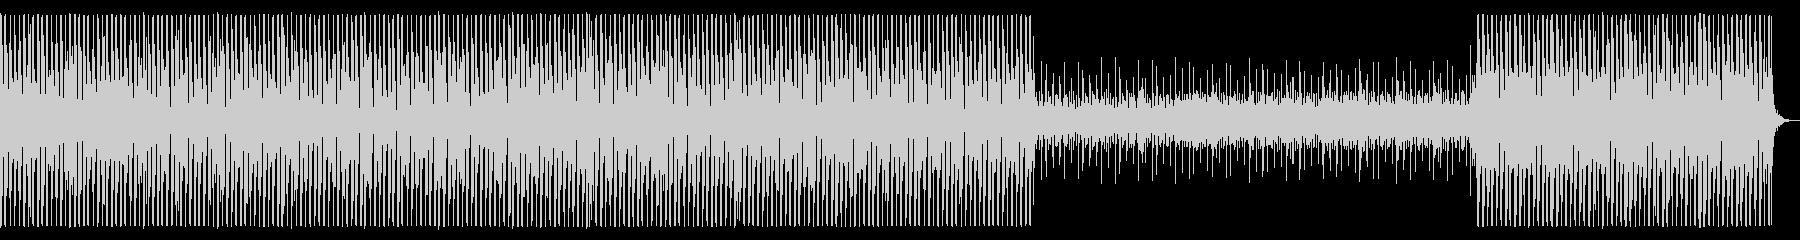 ややジャジーなコードと明るいピアノ...の未再生の波形